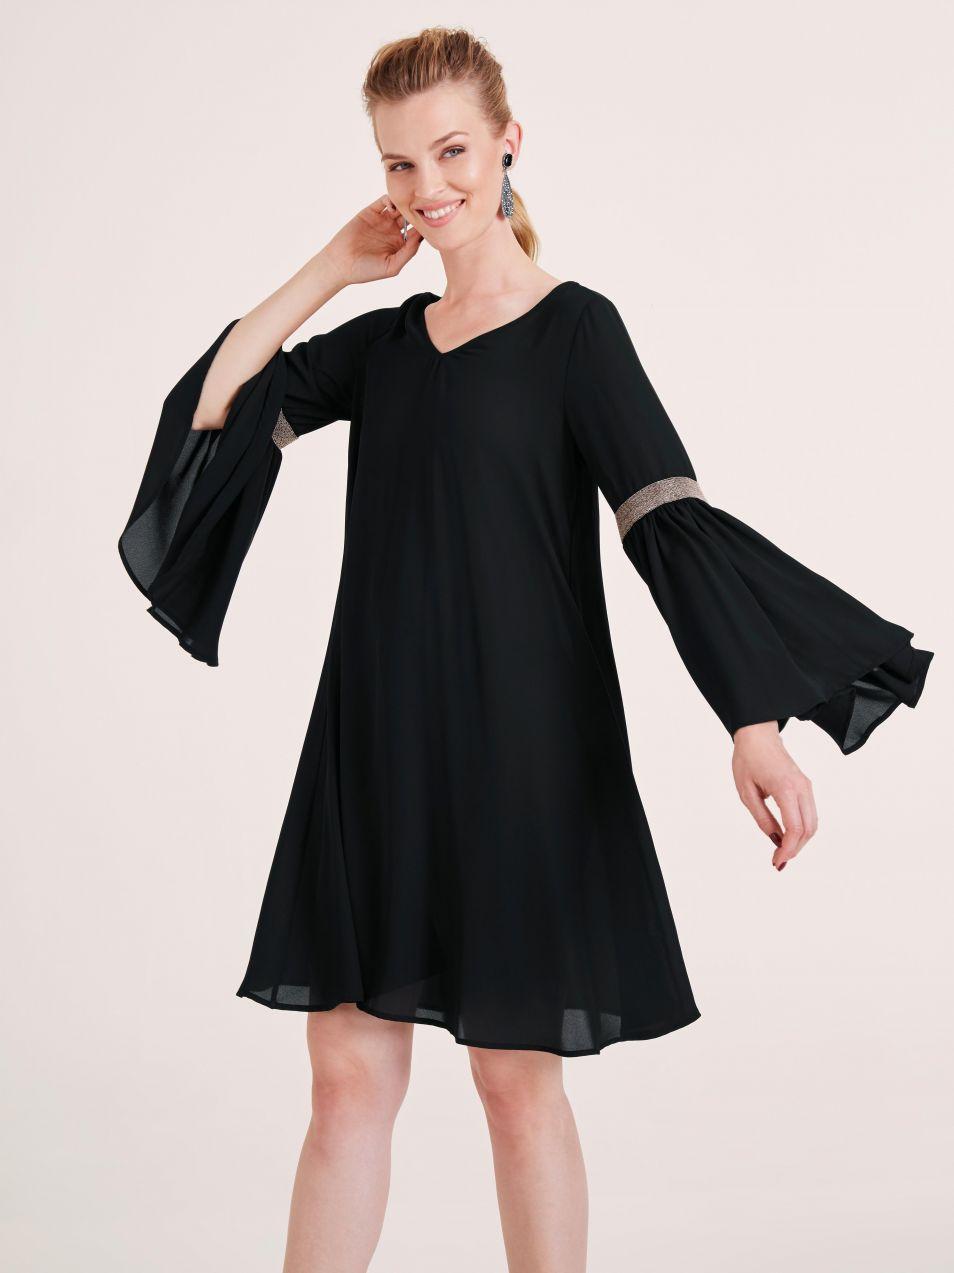 heine TIMELESS Koktejlové šaty s aplikáciou z nitov heine značky ... 0ad1c8c92fb